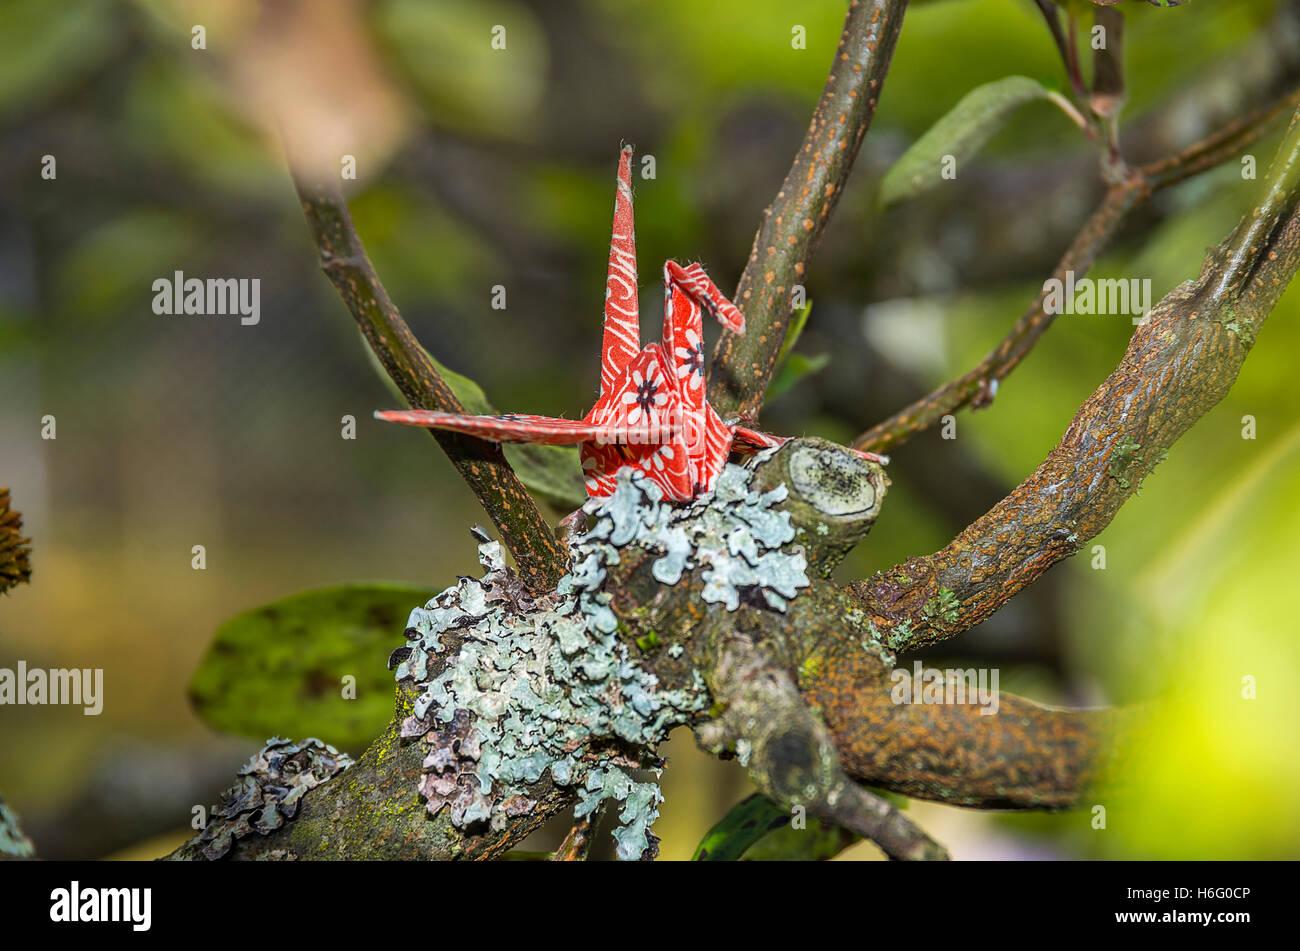 Origami Papier Kran mit original japanischen Origami Papier in einer natürlichen Umgebung einstellen. Stockfoto